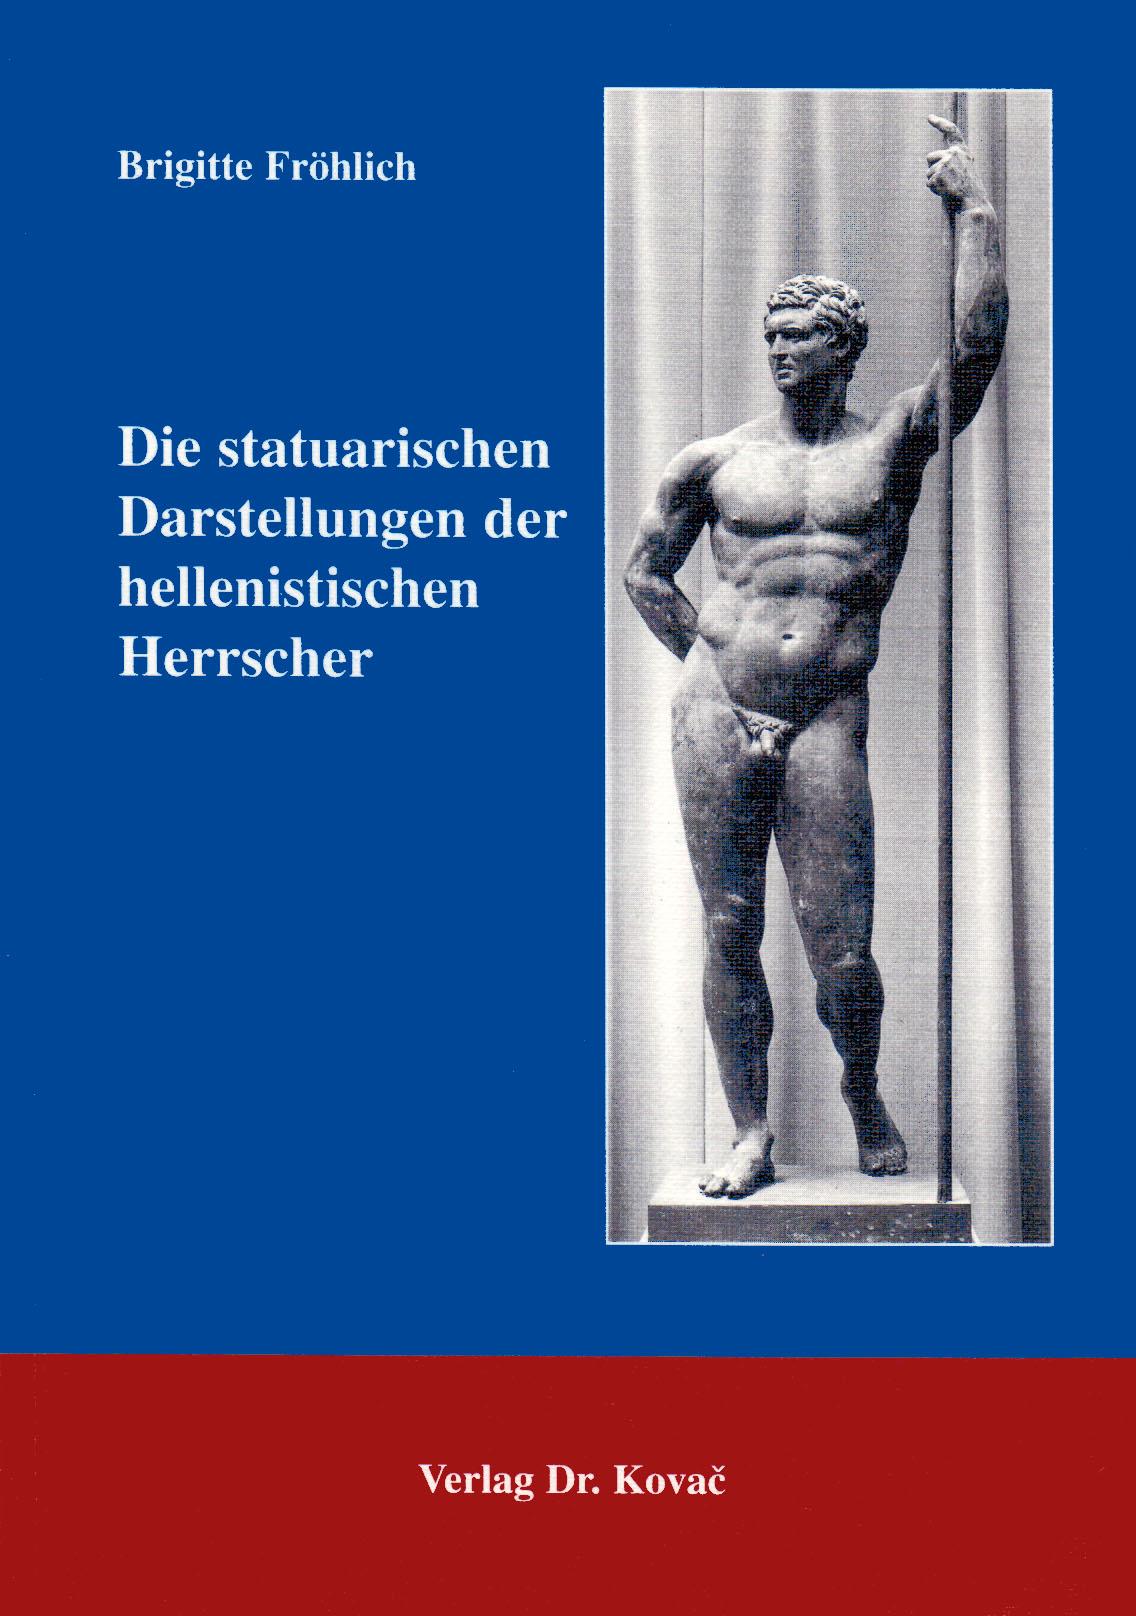 Cover: Die statuarischen Darstellungen der hellenistischen Herrscher